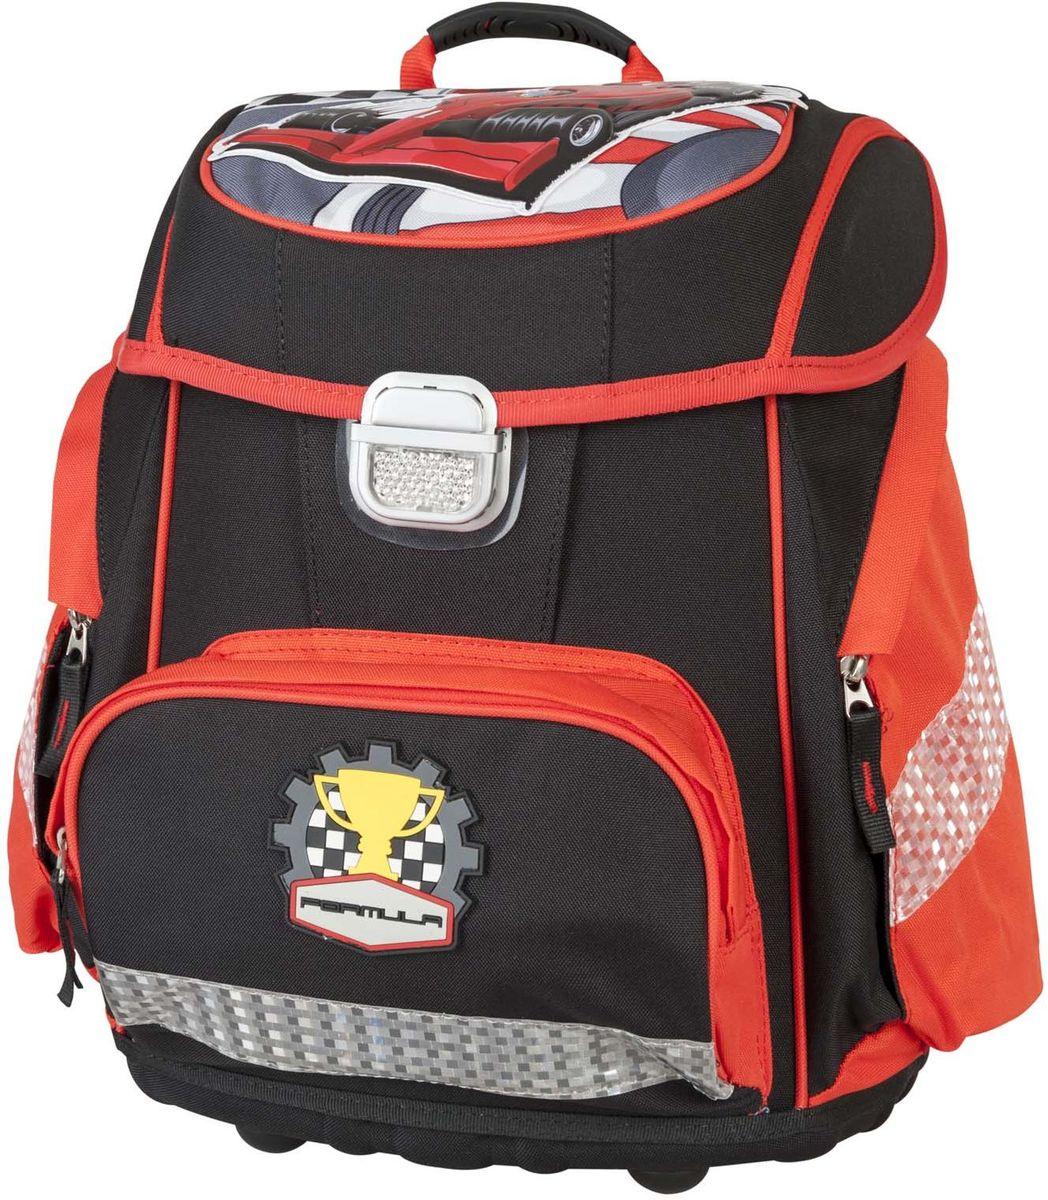 Target Collection Ранец школьный Формула 1 1789072523WDДетский рюкзак бренда «Target Collection» имеет яркий рисунок и изготовлен из современных, прочных материалов. Техническими особенностями рюкзака (портфелей) «Target Collection» является система «Flexiball» (поясничная поддержка), которая оптимально адаптирована для ребенка. Ведь самое главное, чтобы ребенок имел правильную осанку во время переноски портфеля. Система «Flexiball» является новшеством в промышленности, она правильно распределяет вес мешка, автоматически подстраивается под ребенка и поэтому обеспечивает идеальное положение для поясничной поддержки. Во время прогулки, система «Flexiball» движется вместе с ребенком, за счет гибкого материала уменьшает нагрузку при ходьбе. Портфель имеет форму куба, пригодную для учащихся начальных классов. Плечевые лямки можно отрегулировать для каждого ребенка индивидуально, поэтому получается что он «растет» вместе с ребенком. Лямки содержат вентиляционные отверстия и тем самым имеют возможность дышать. Они дополнительно оснащены ЭКО-пеной, которая делает ношение портфеля более комфортным для ребёнка.